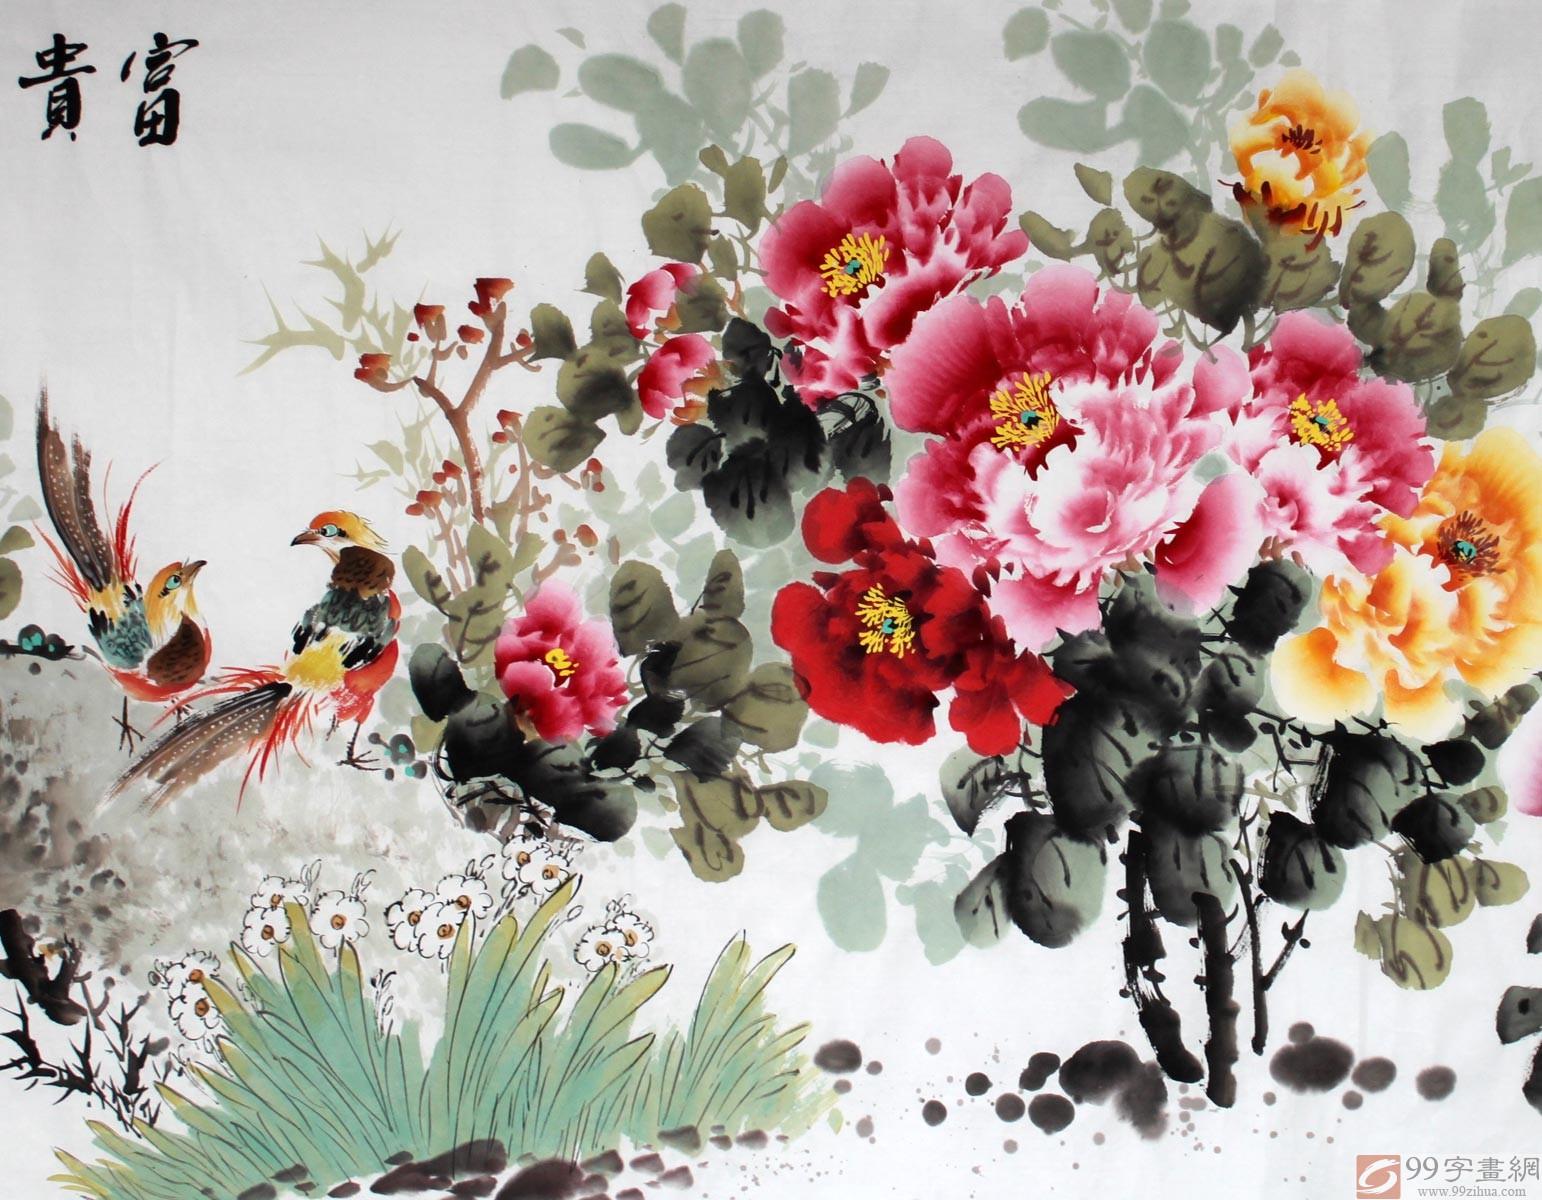 写意国画牡丹作品欣赏 - 牡丹画 - 99字画网